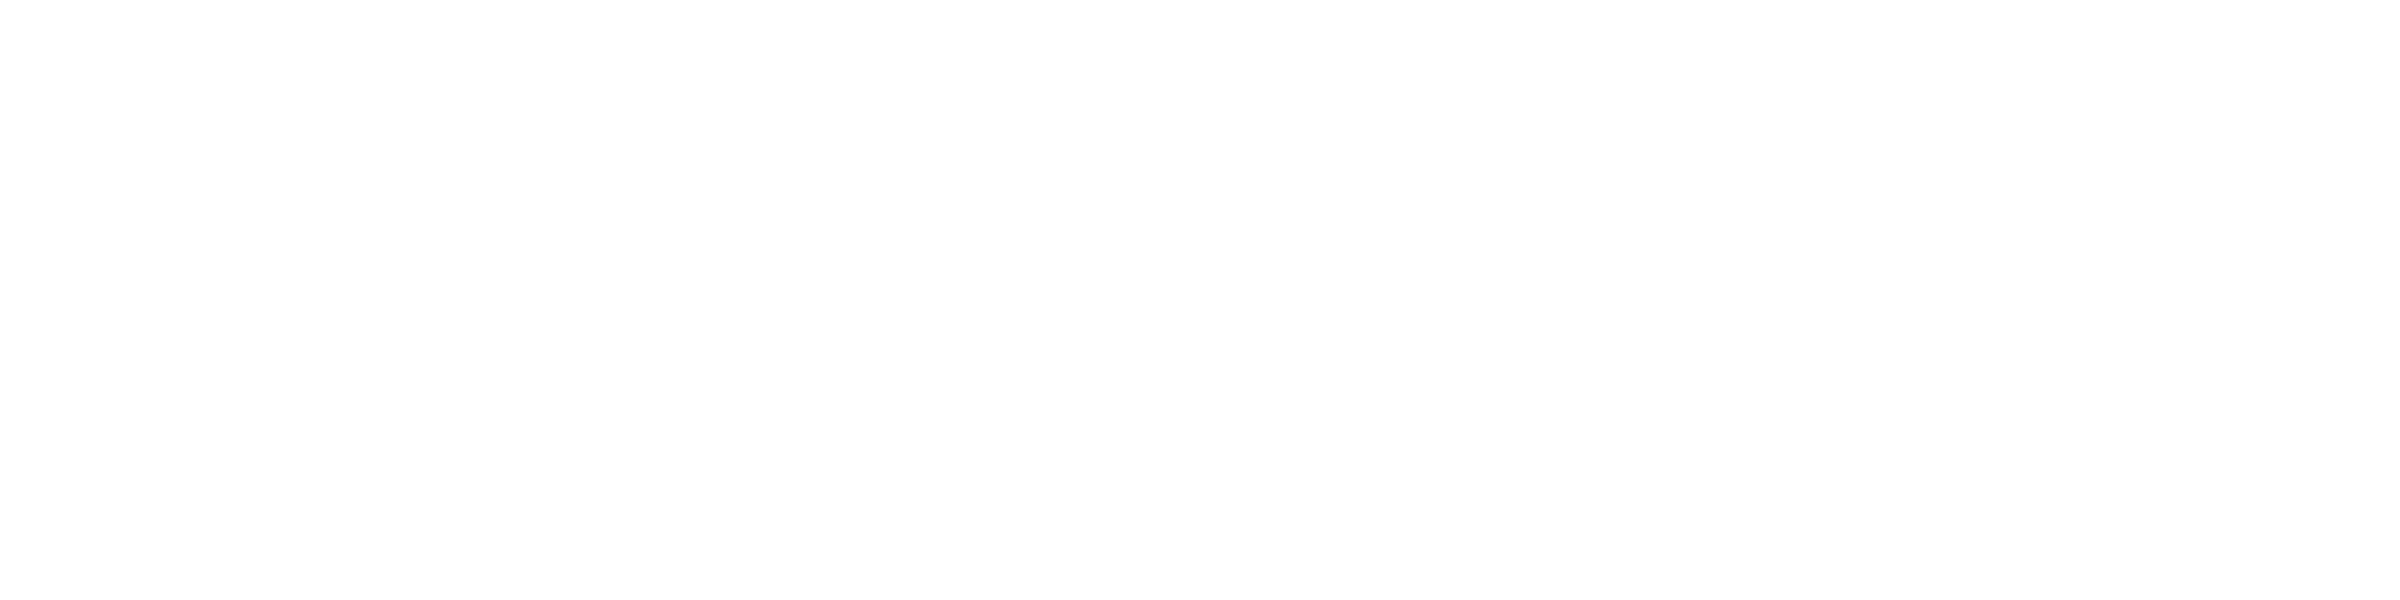 LoudTronix.